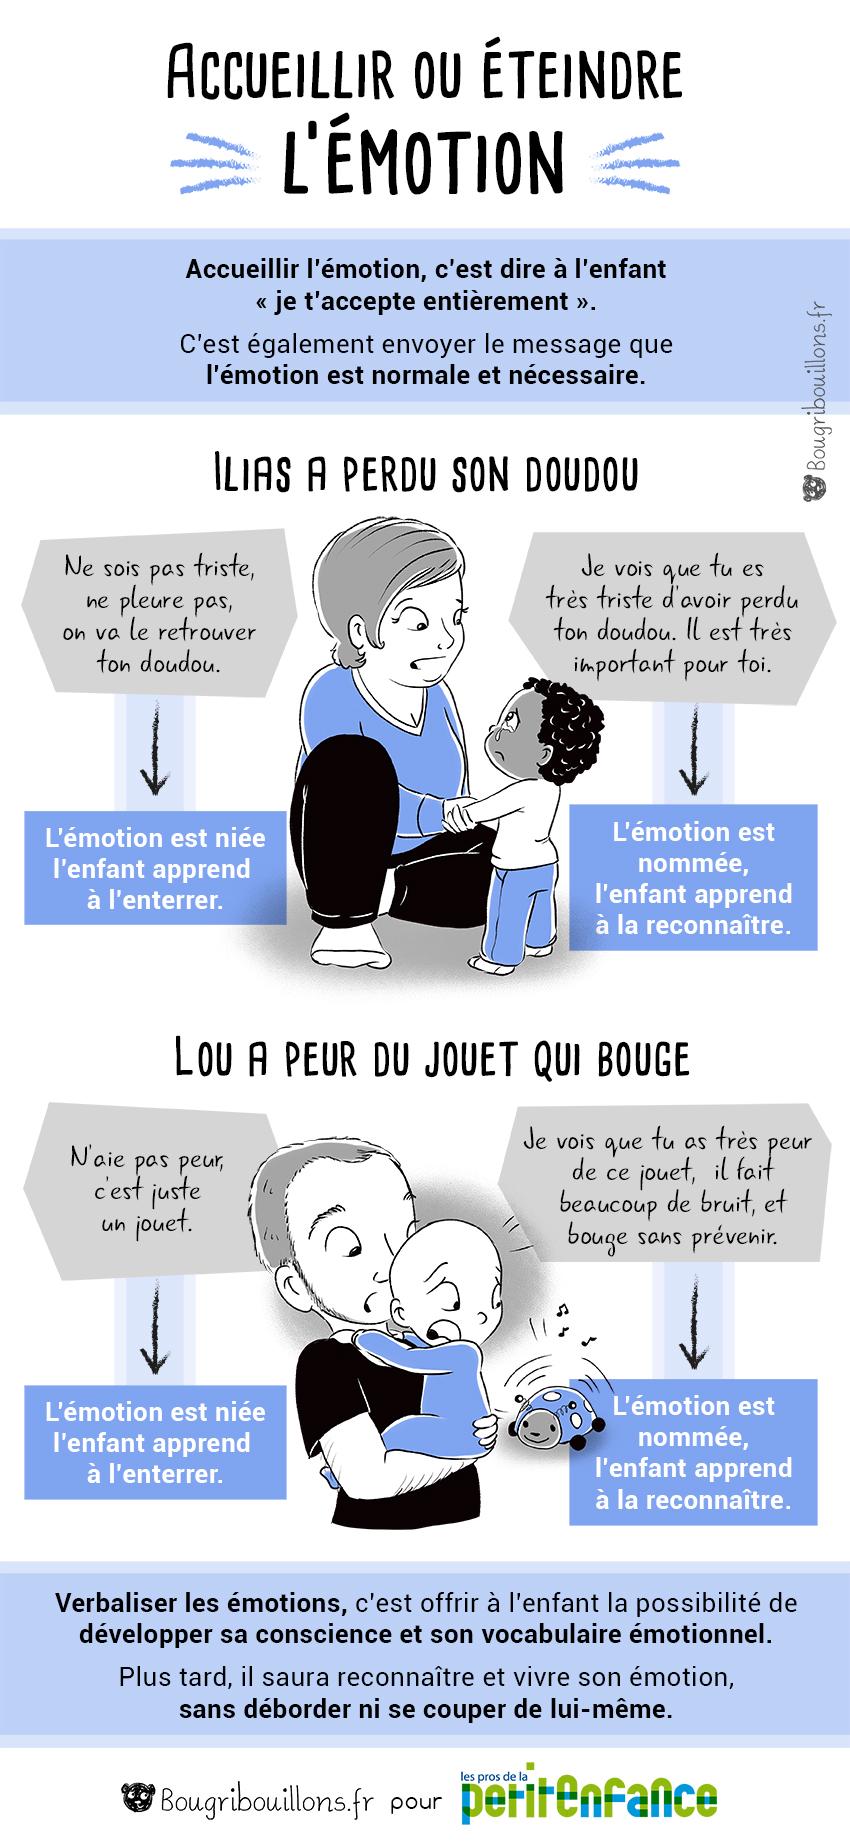 Accueillir l'émotion de l'enfant - chronique Bougribouillons